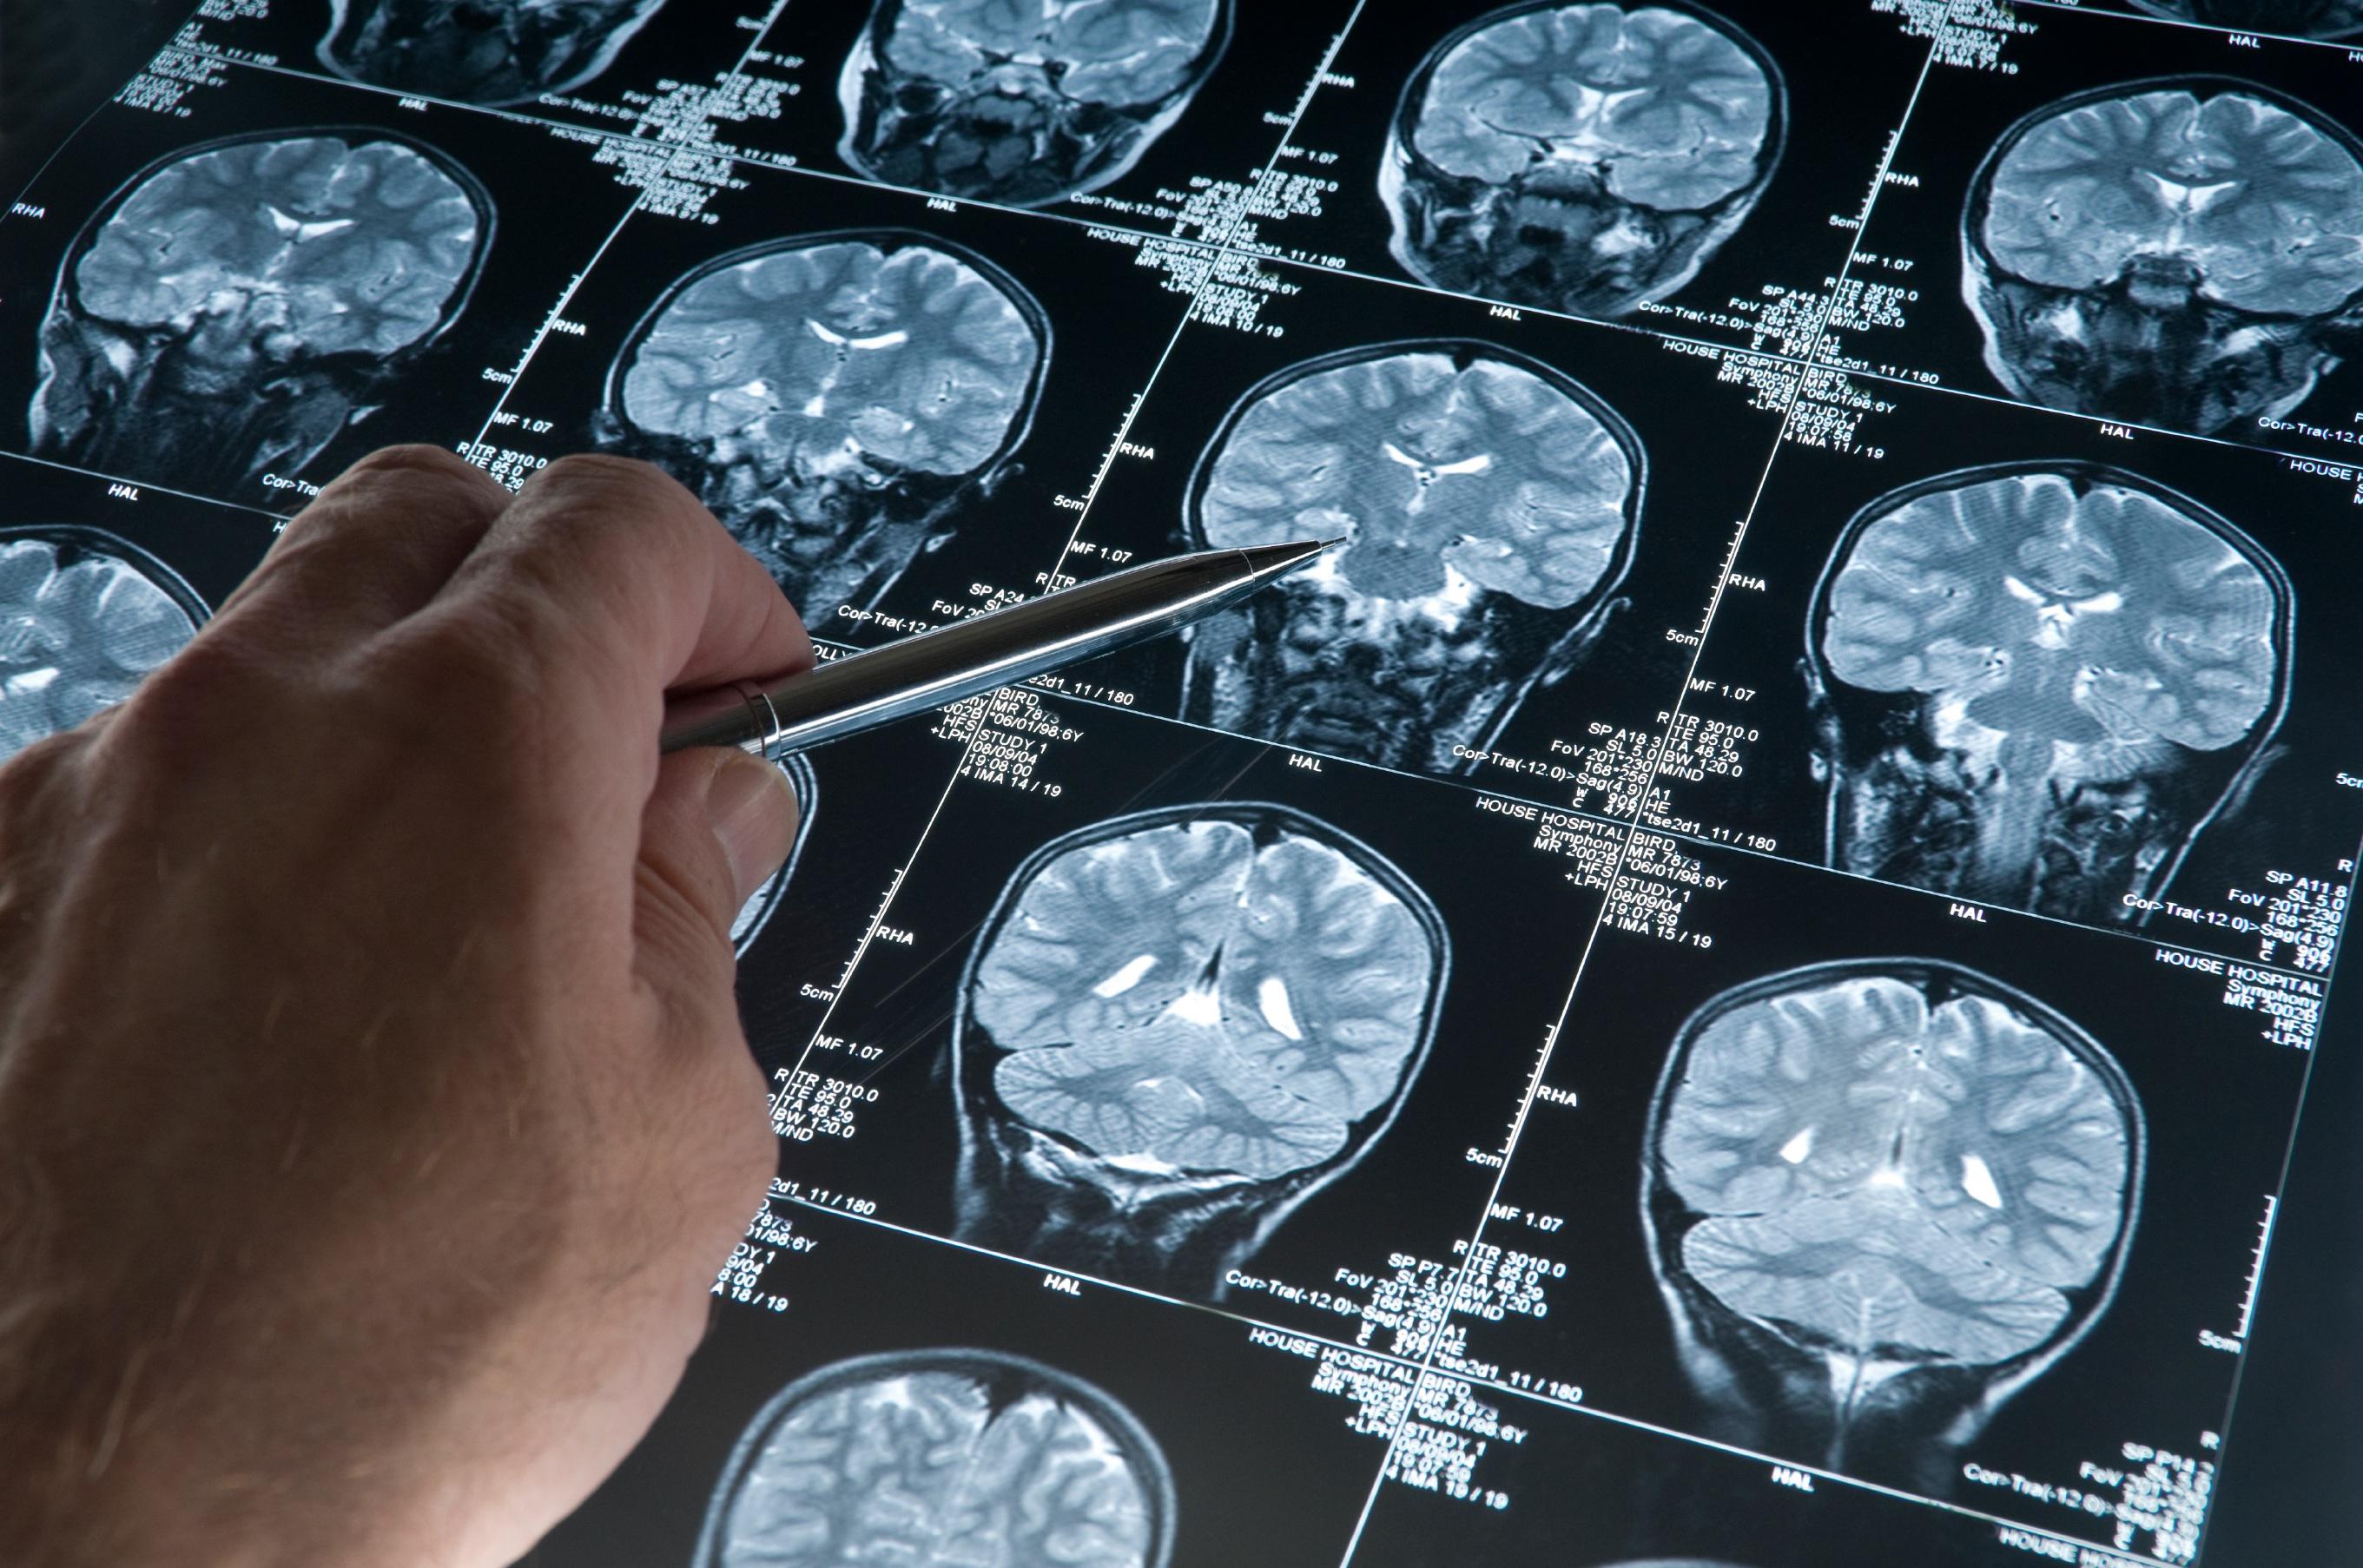 Šiuo metu Jungtinėje Karalystėje kiekvienais metais silpnaprotystė, arba demencija, diagnozuojama 850-čiai tūkst. žmonių. (wikipedia.org nuotr.)